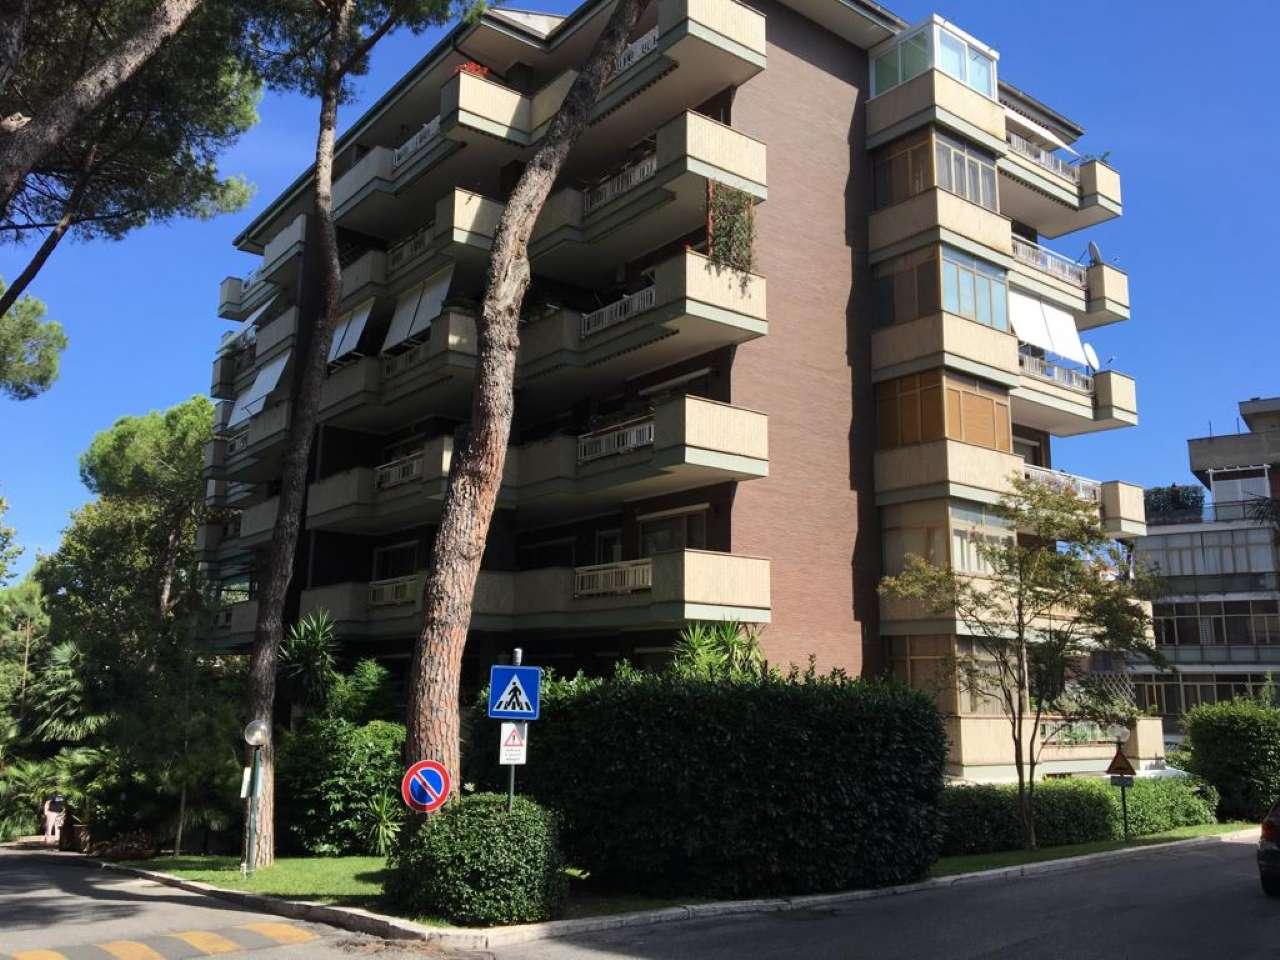 Appartamento in vendita a Roma, 6 locali, zona Zona: 42 . Cassia - Olgiata, prezzo € 580.000 | CambioCasa.it